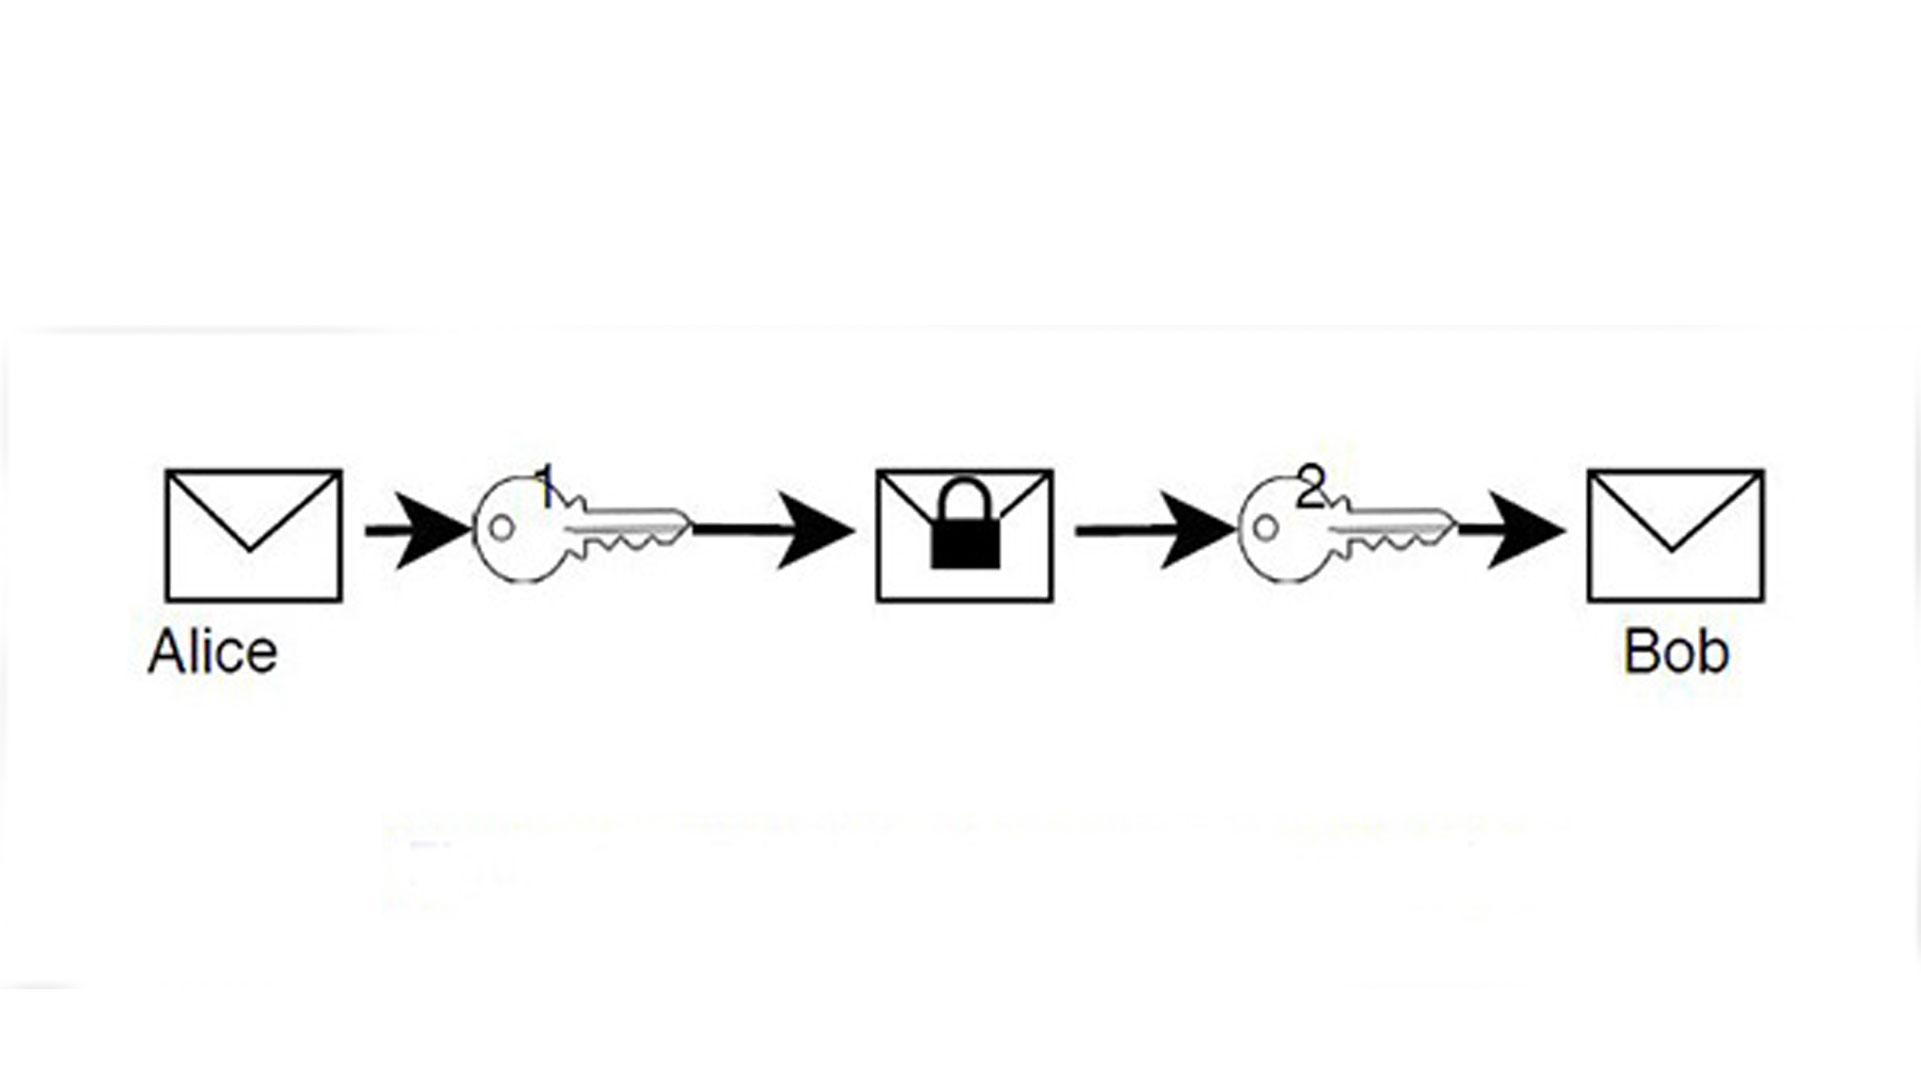 Crittografia Simmetrica E Asimmetrica Per Proteggere Le